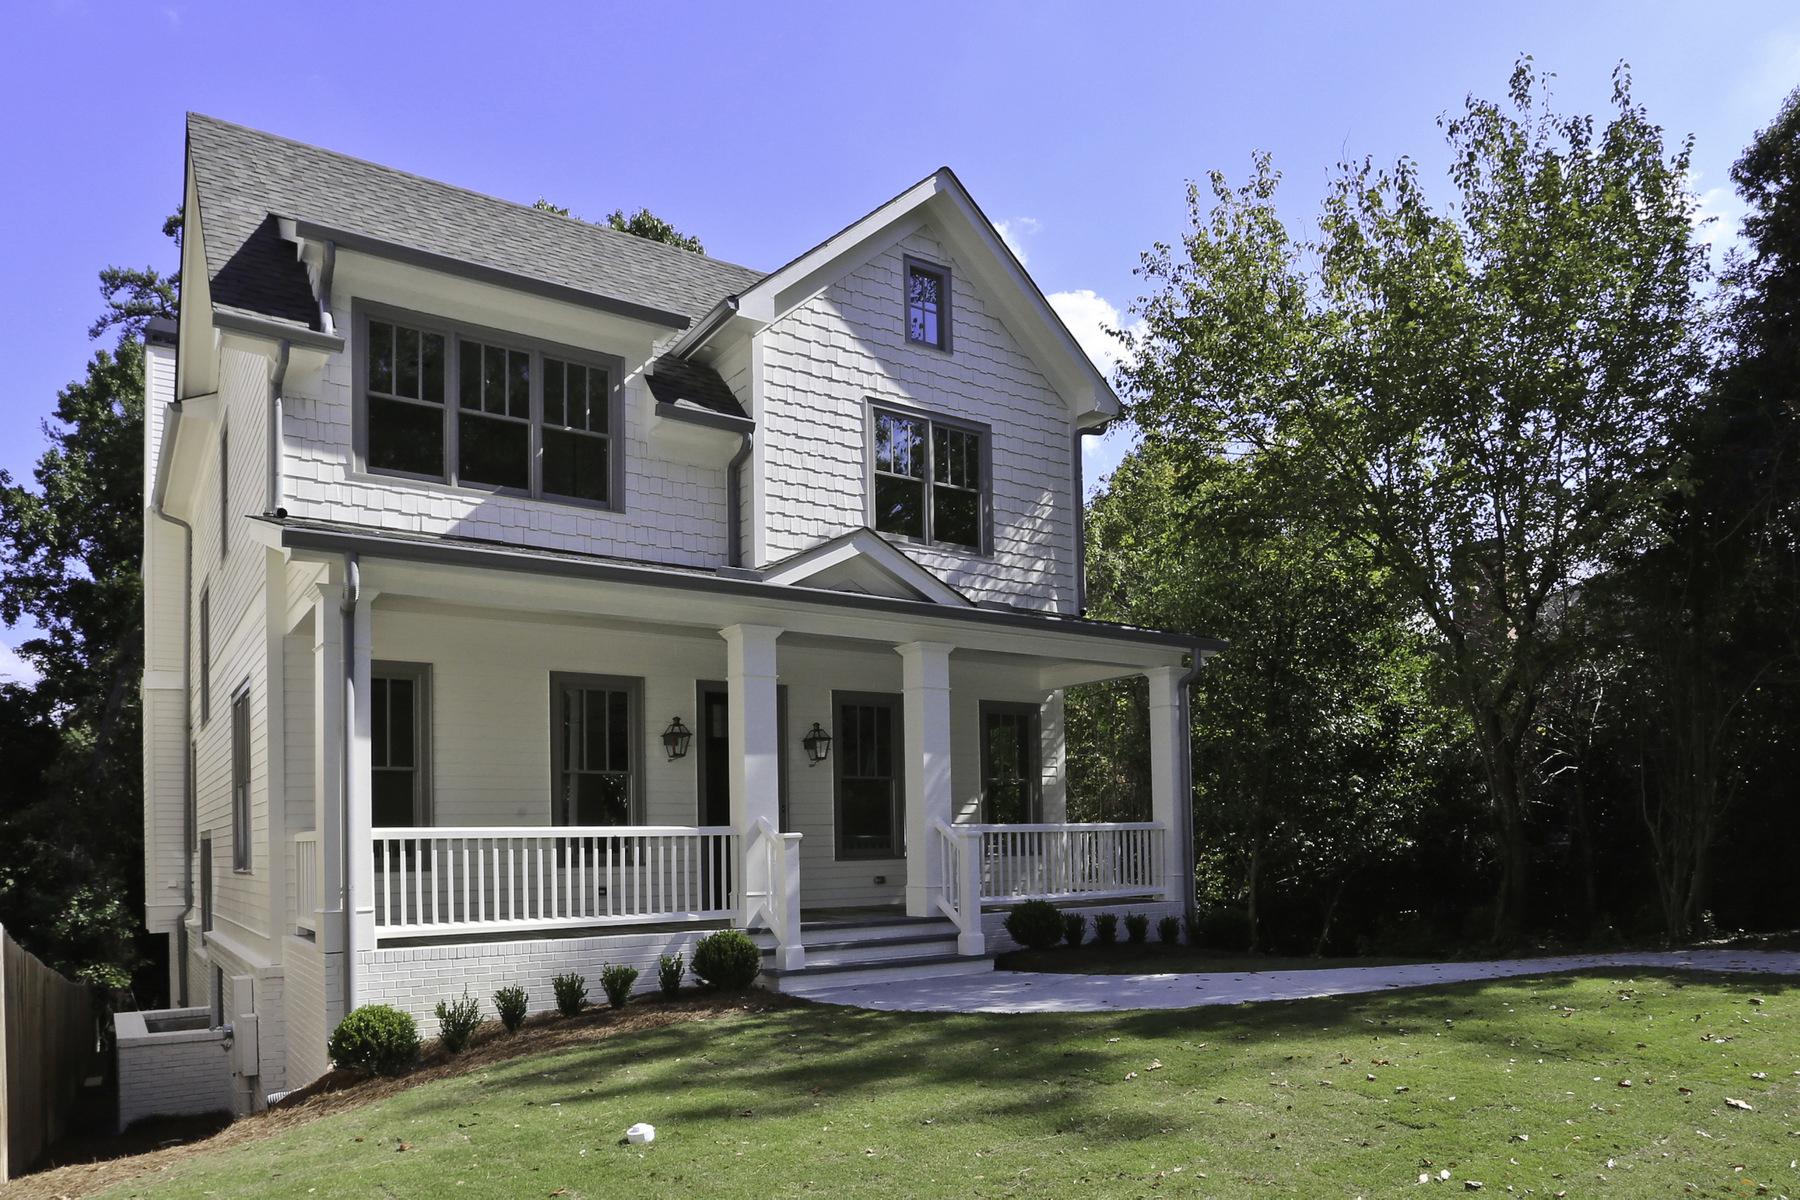 一戸建て のために 売買 アット New Luxury Home in a hot new home area of Garden Hills 2963 Lookout Place NE Garden Hills, Atlanta, ジョージア, 30305 アメリカ合衆国